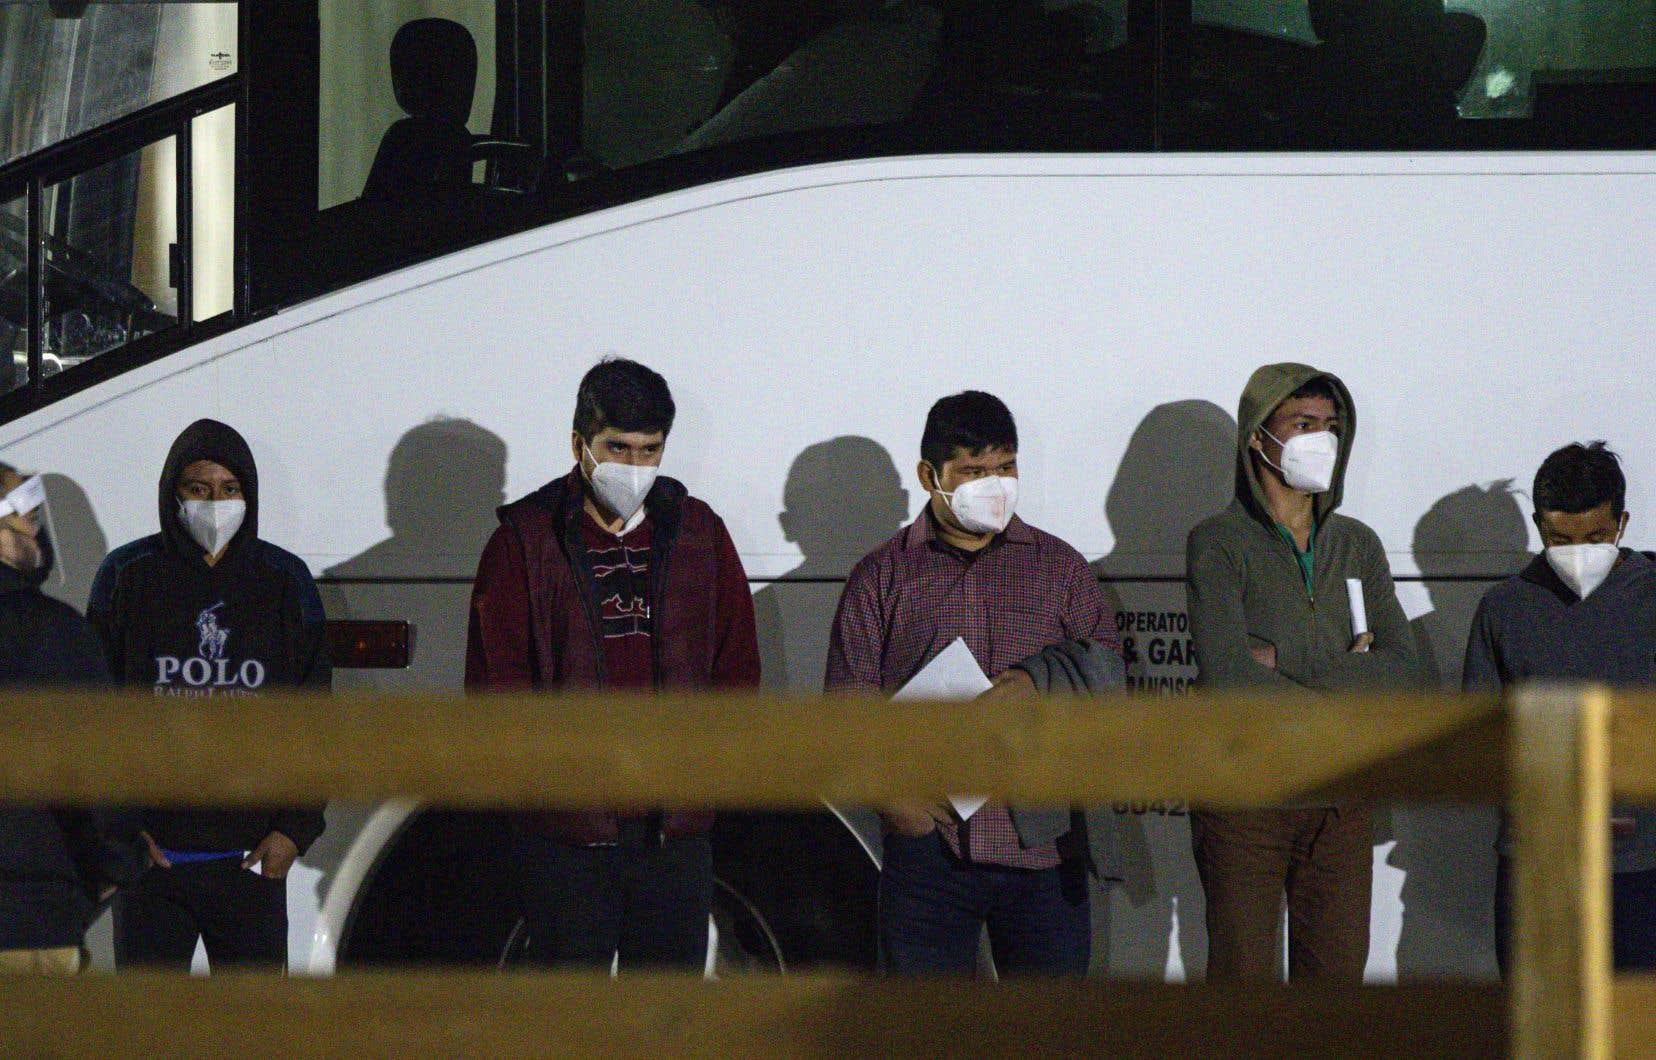 Des adolescents attendaient  dimanche soir de pouvoir  accéder  à un site  d'hébergement temporaire  au Texas, après avoir franchi  la frontière  séparant  les États-Unis  du Mexique.